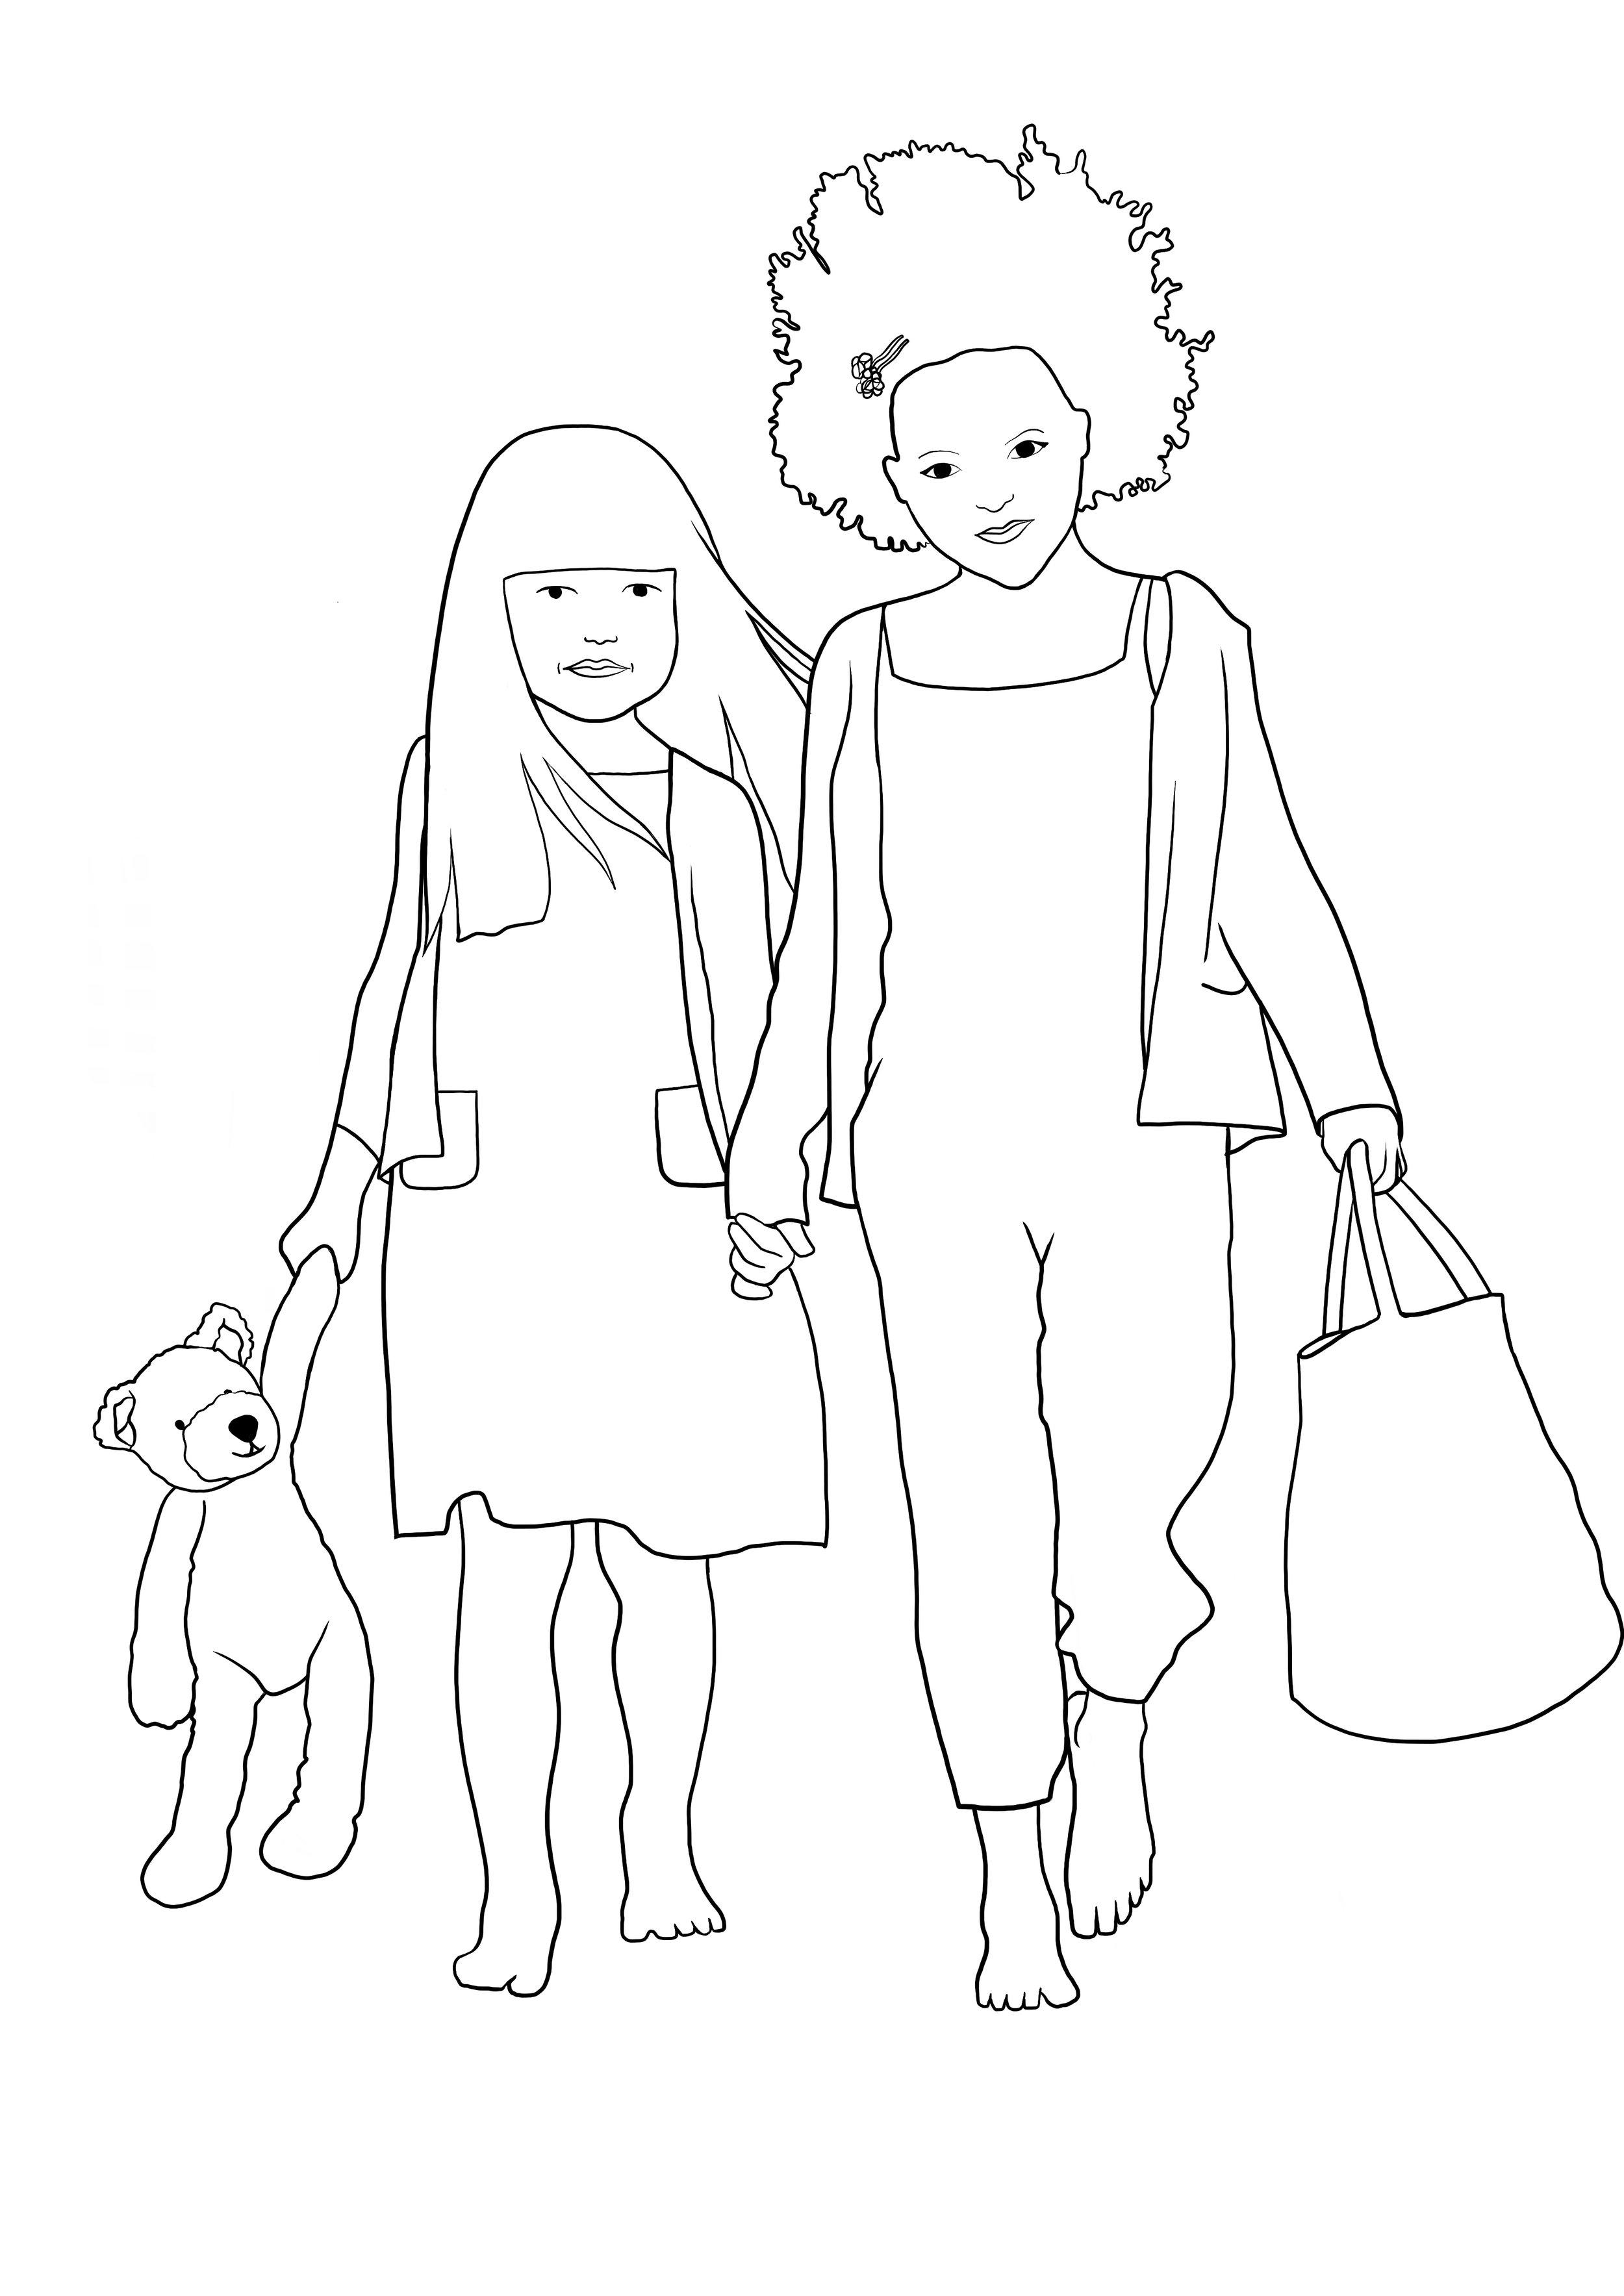 Ilustración_sin_título-8.jpg